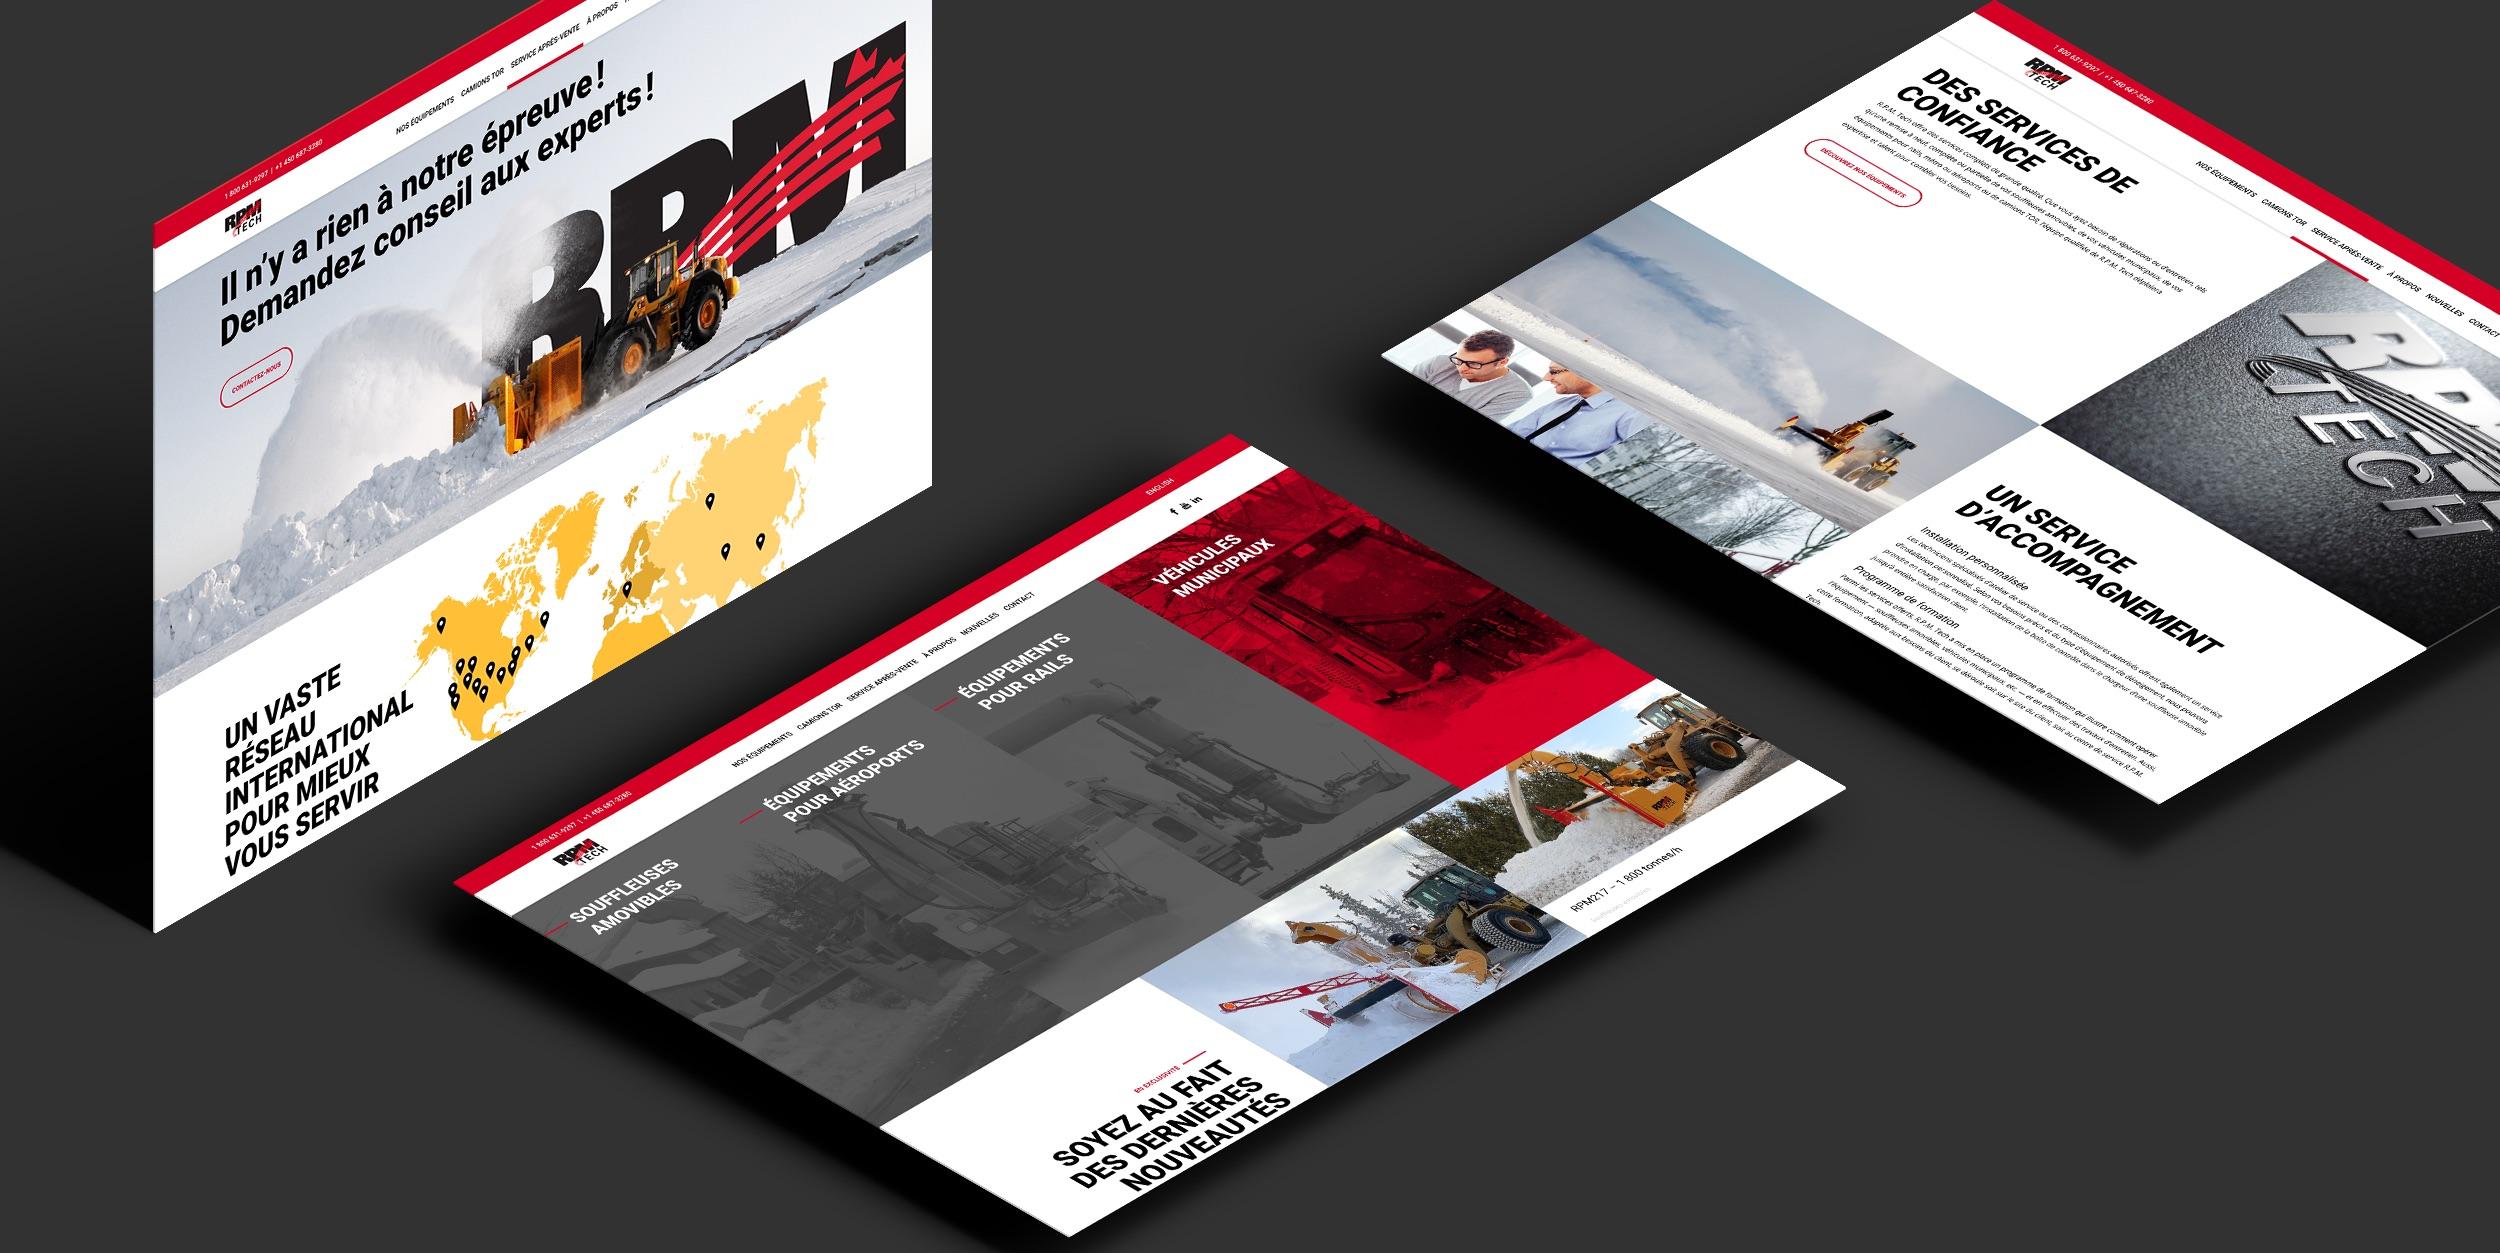 Structure visuelle internationale | Création de site Internet